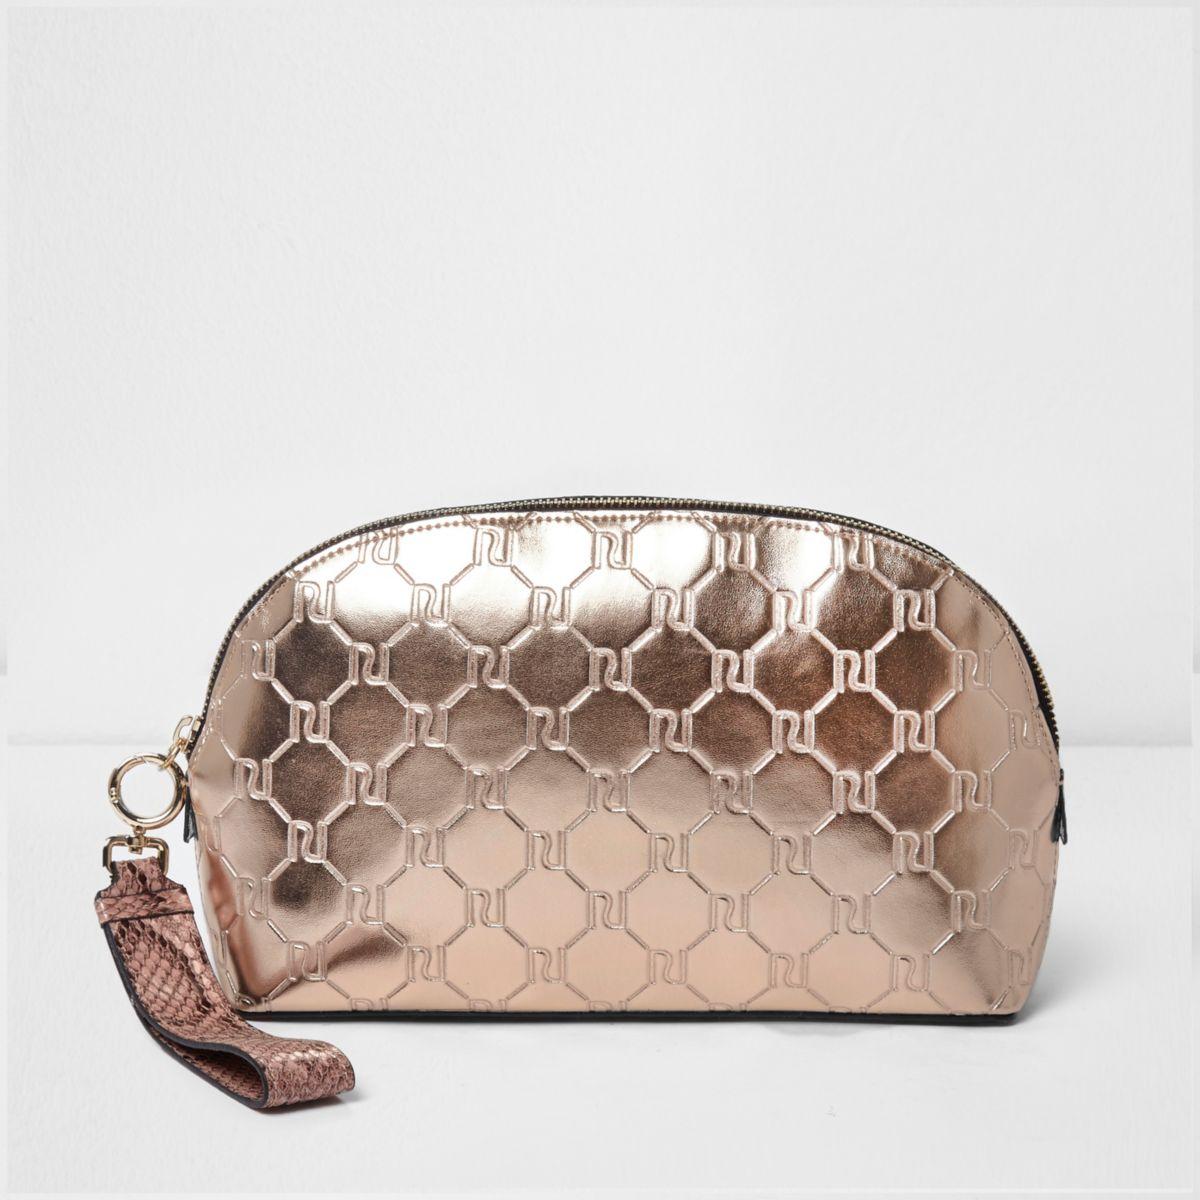 Rose gold metallic monogram make-up bag